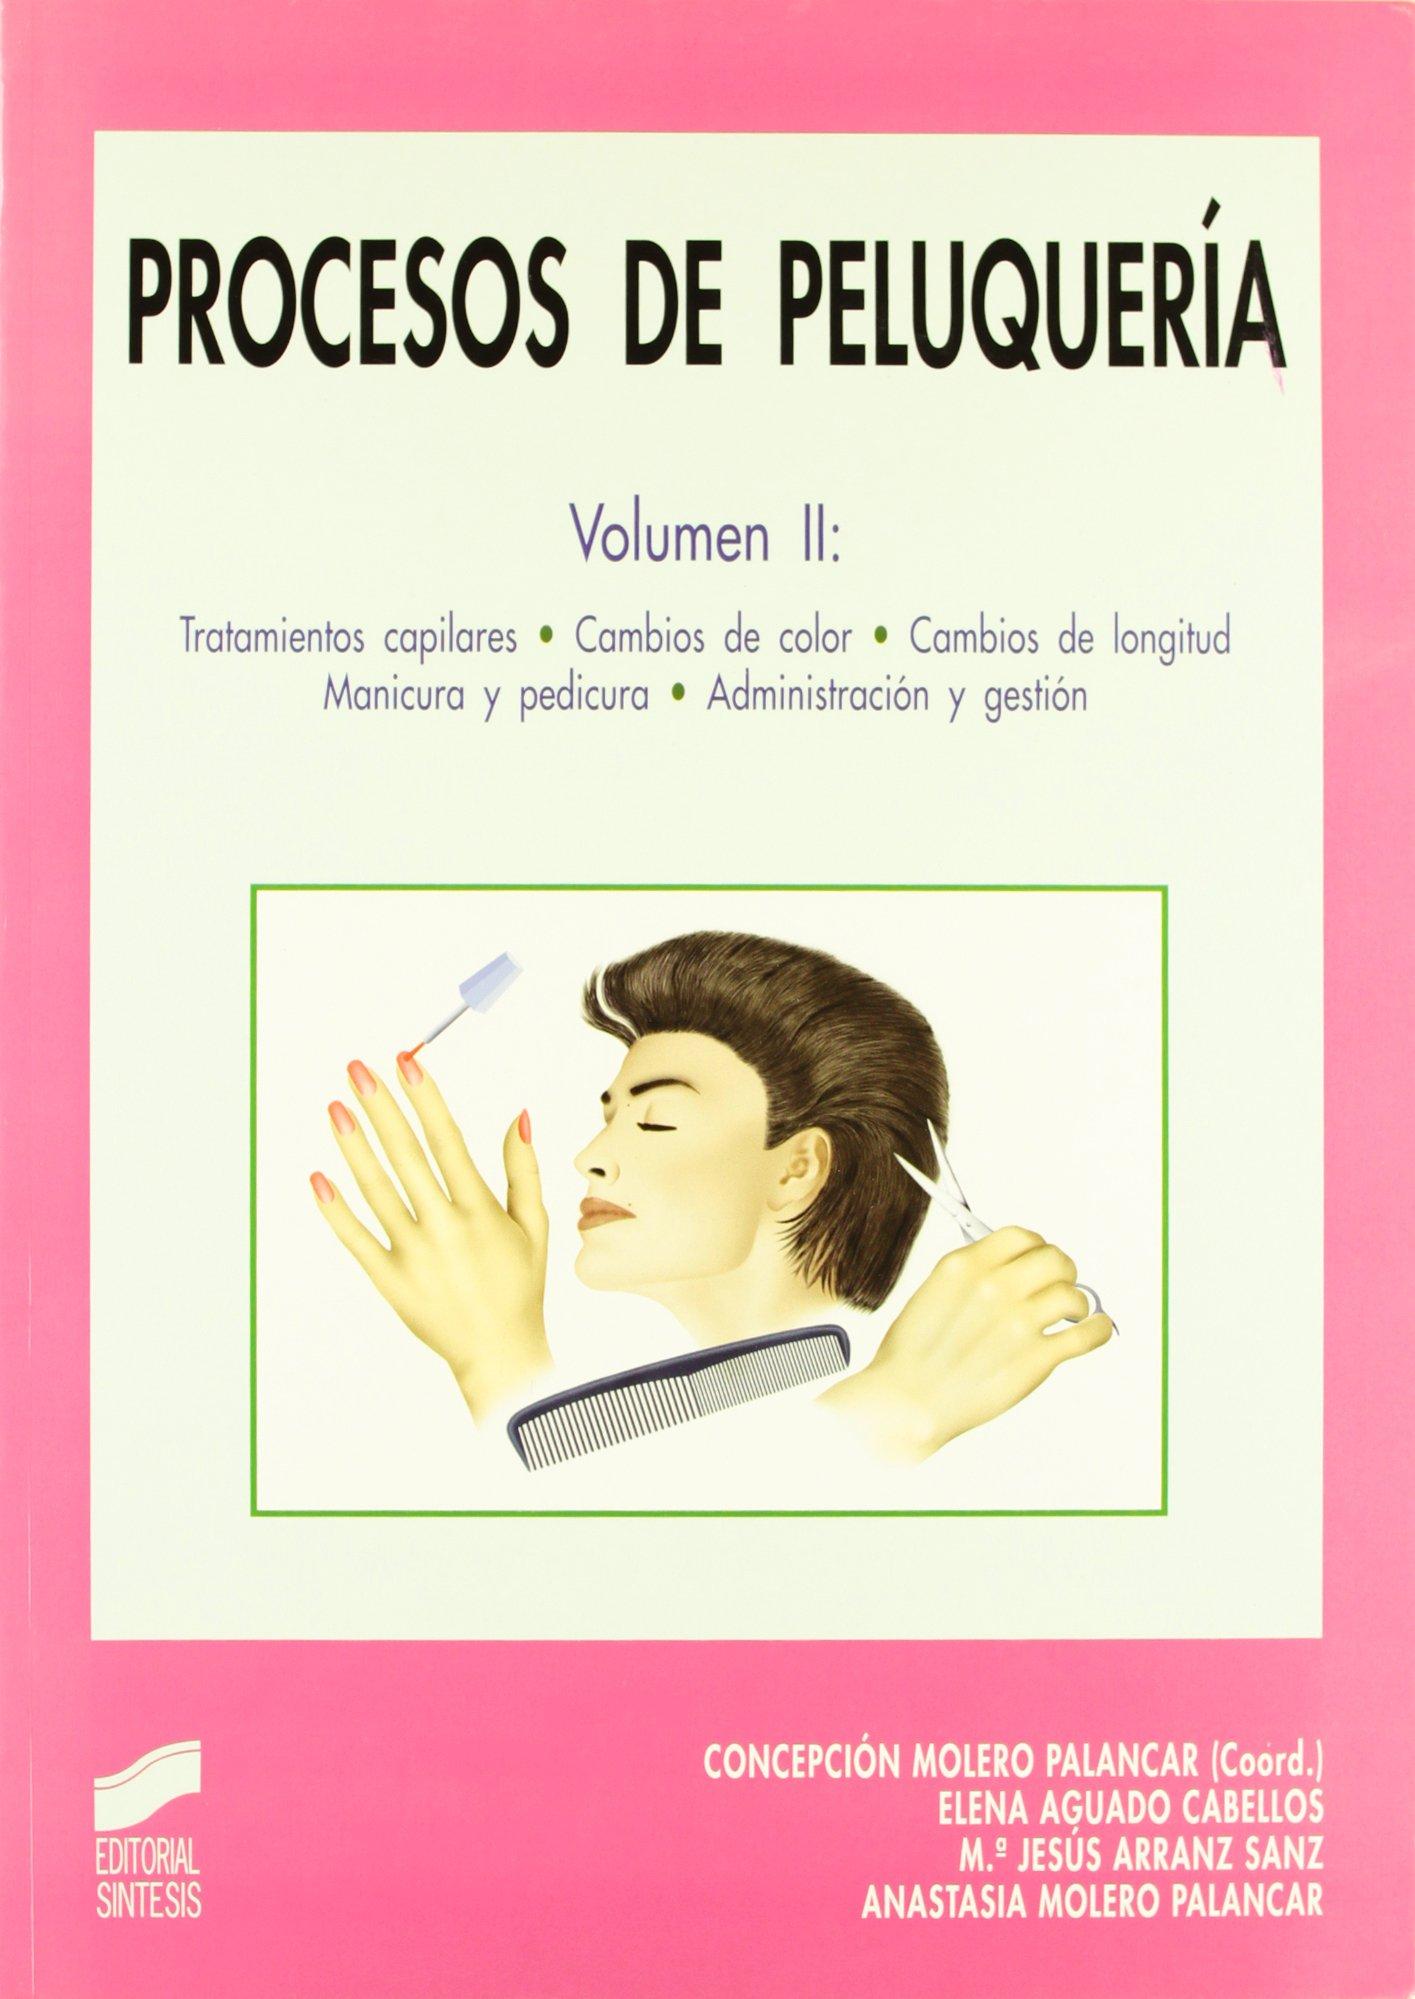 Procesos de Peluqueria - Volumen II (Spanish Edition)